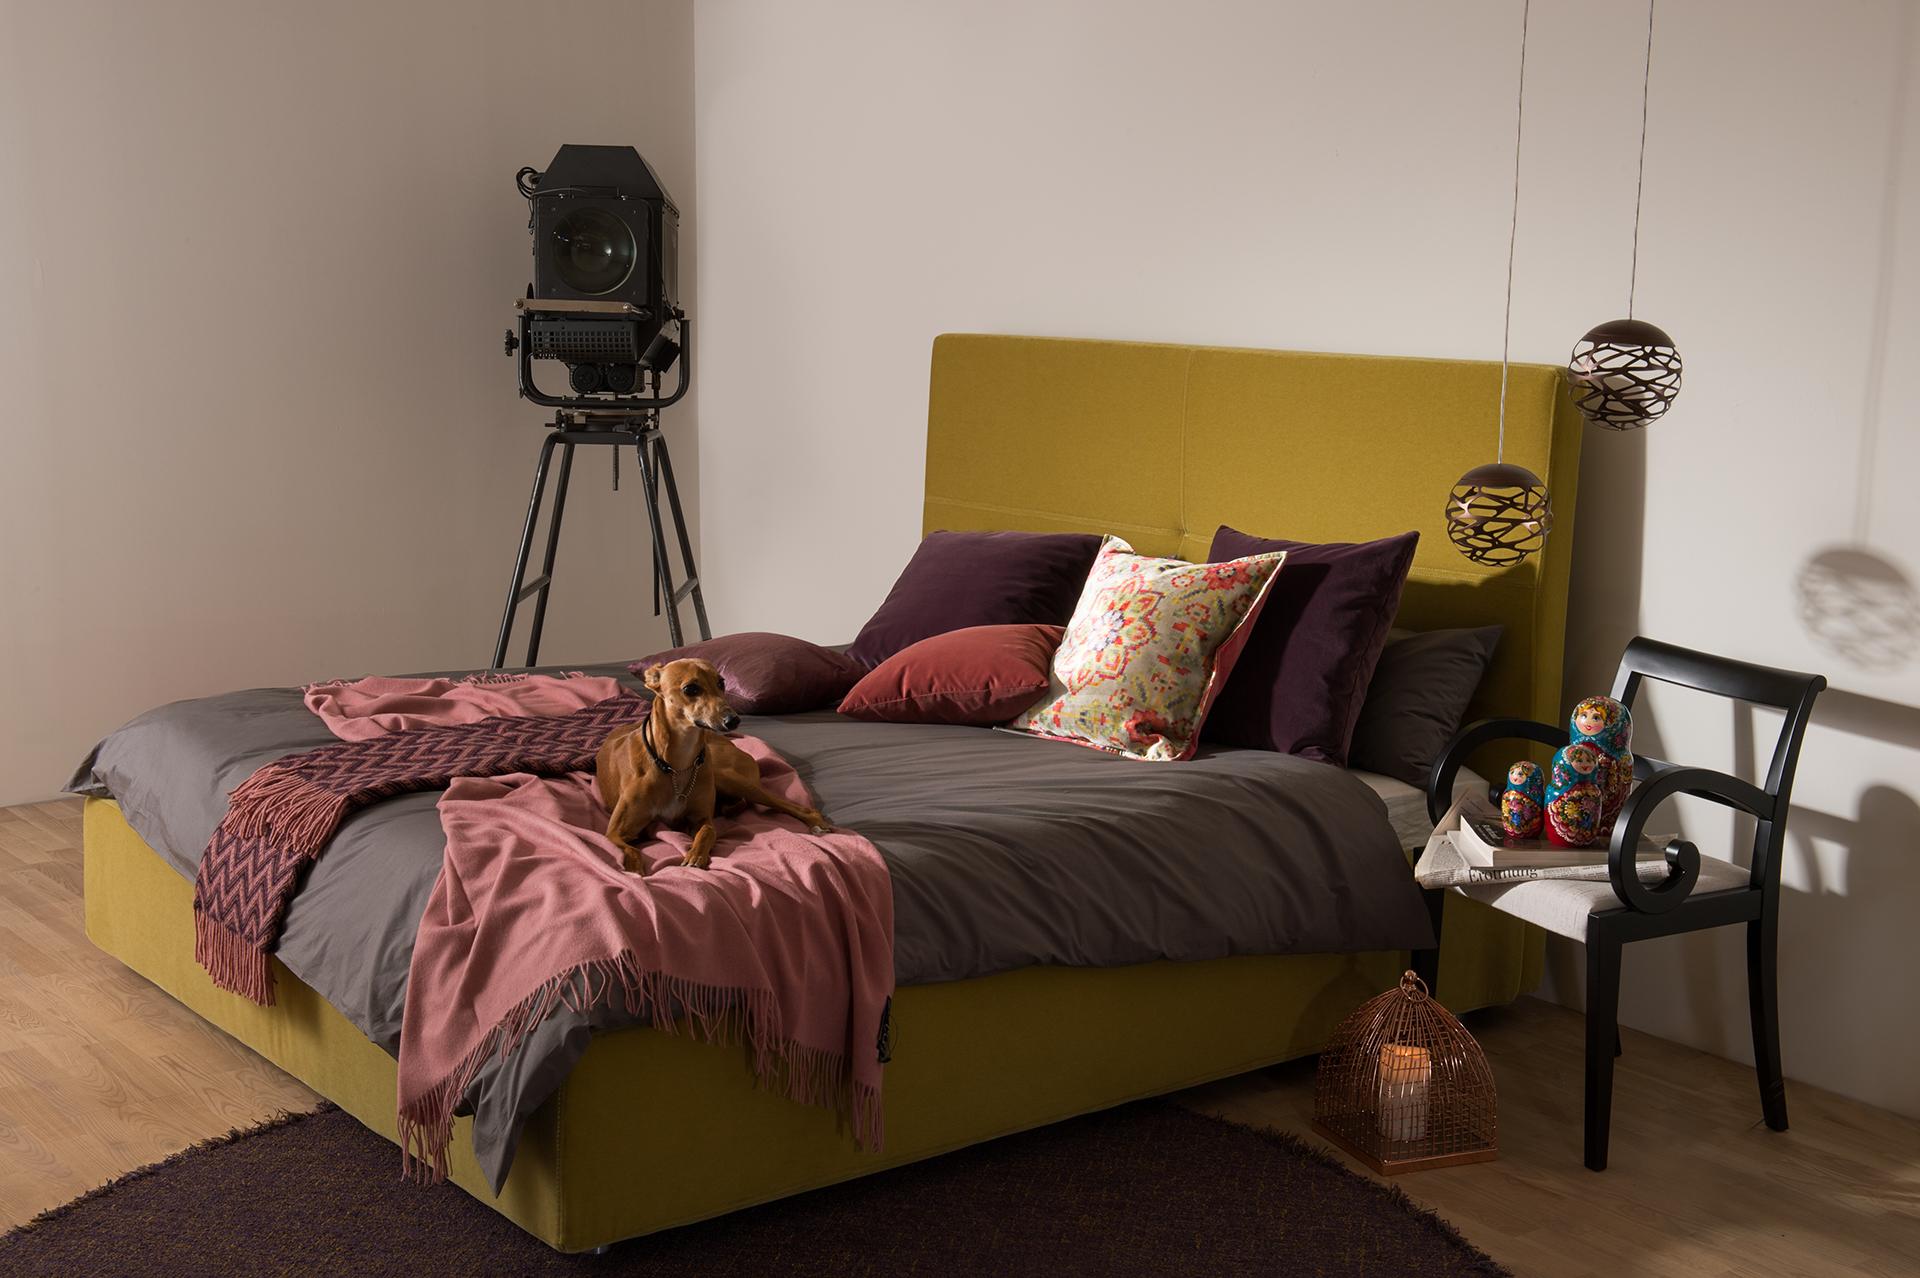 Design Bett,Schlafzimmer, Interieur, Anna M. Traenkner Fotografie Hamburg